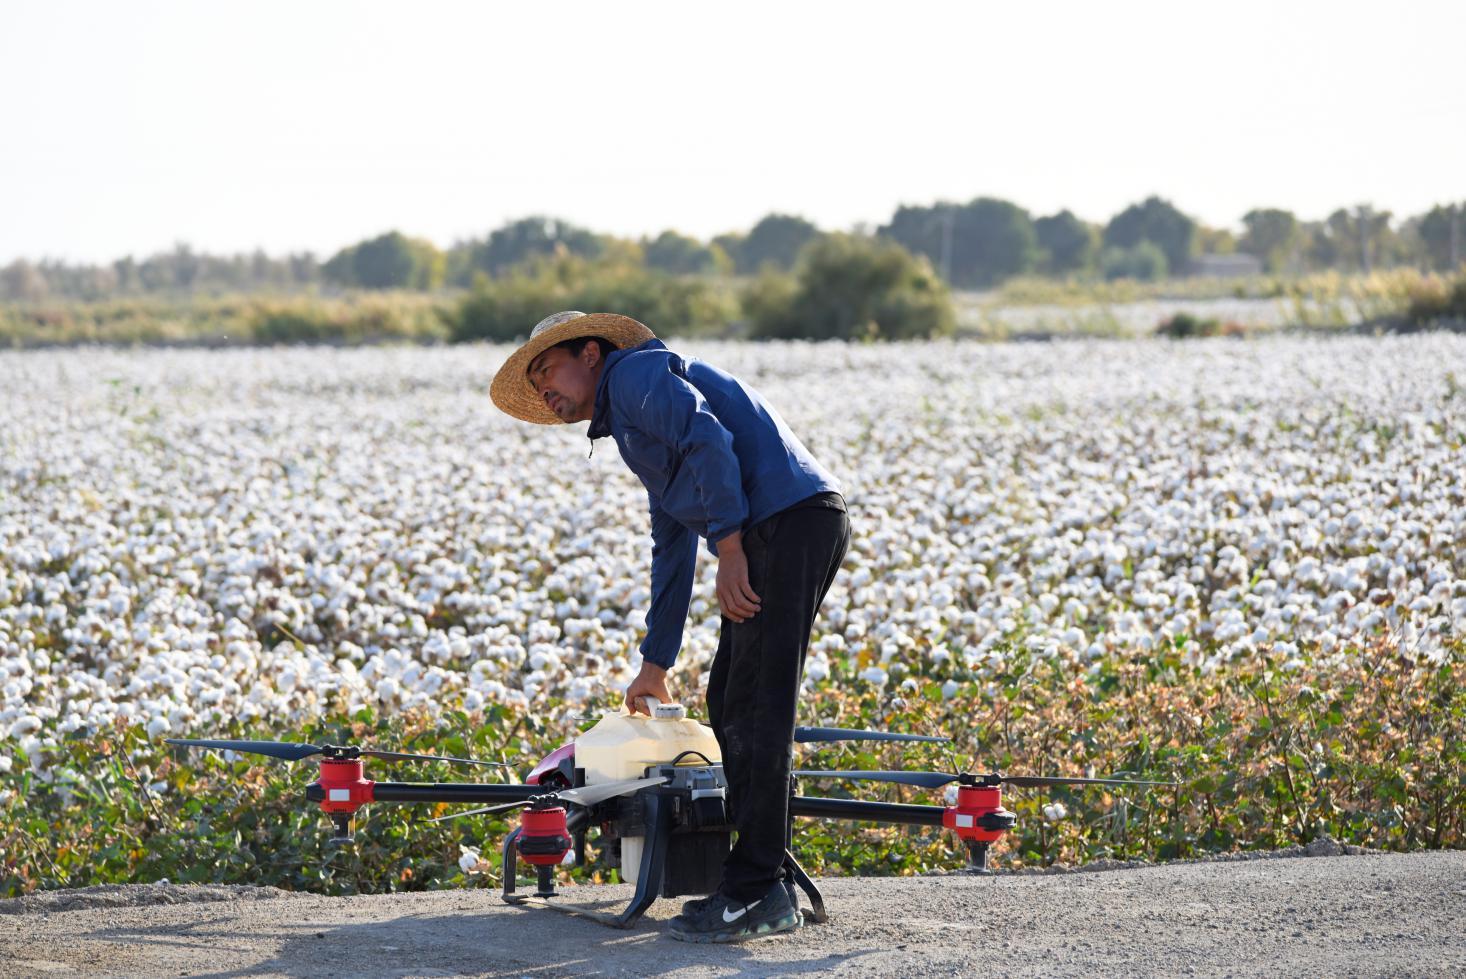 """极飞秋收起""""翼""""带无人机下乡 代替拖拉机幸免棉花减产"""